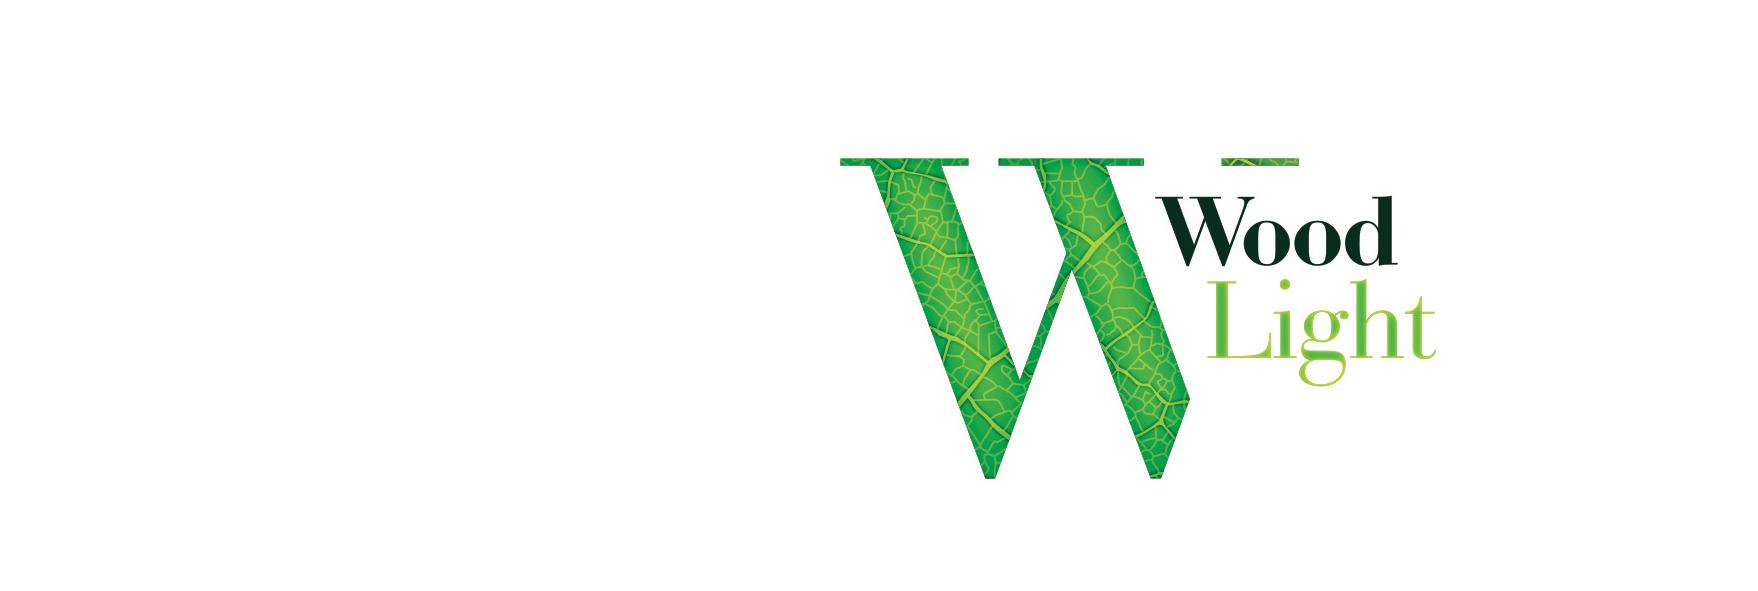 logo Woodlight greenovation luminescence bioluminescence plante arbre végétaux luminescent éclairage alternatif végétal vert lumineux lumière luciole fluoresente autoluminescence balisage balise innovation génétique biotechnologie appliquées Recherches & Développement R&D Biomimétisme Cultivons la lumière de demain Biolumière luciférase ville futur écologique écologie avenir aménagement durable bioéclairée urbain surconsommation énergétique solution verte innovation végétalisation urbaine biotech vertes réduction énergétique Développement durable Dépollution Plantes dépolluantes Lampadaire végétal électricité verte décoration originale design évènementiel